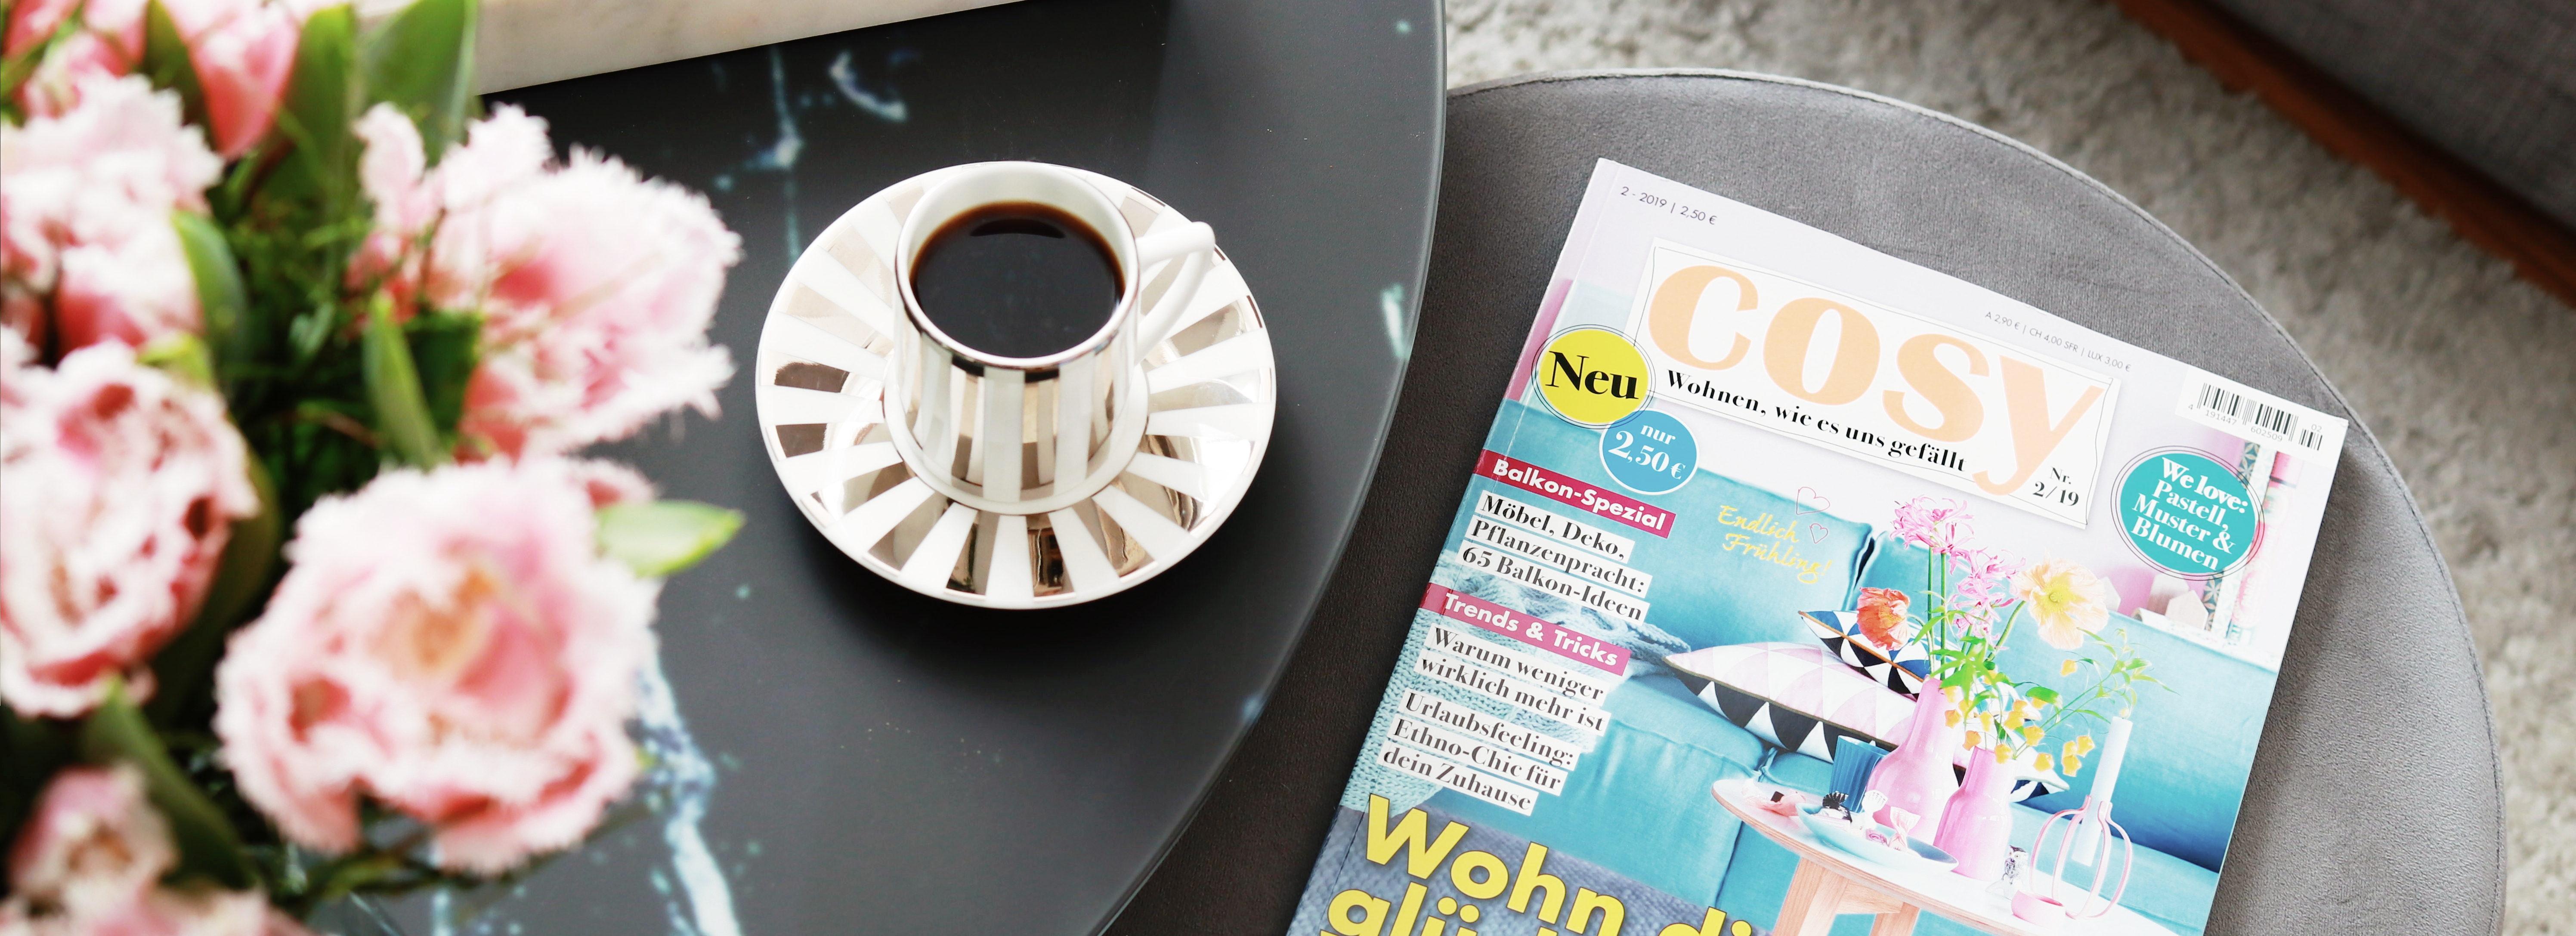 Frühlingshafte Wohnideen mit dem COSY Magazin   Anzeige